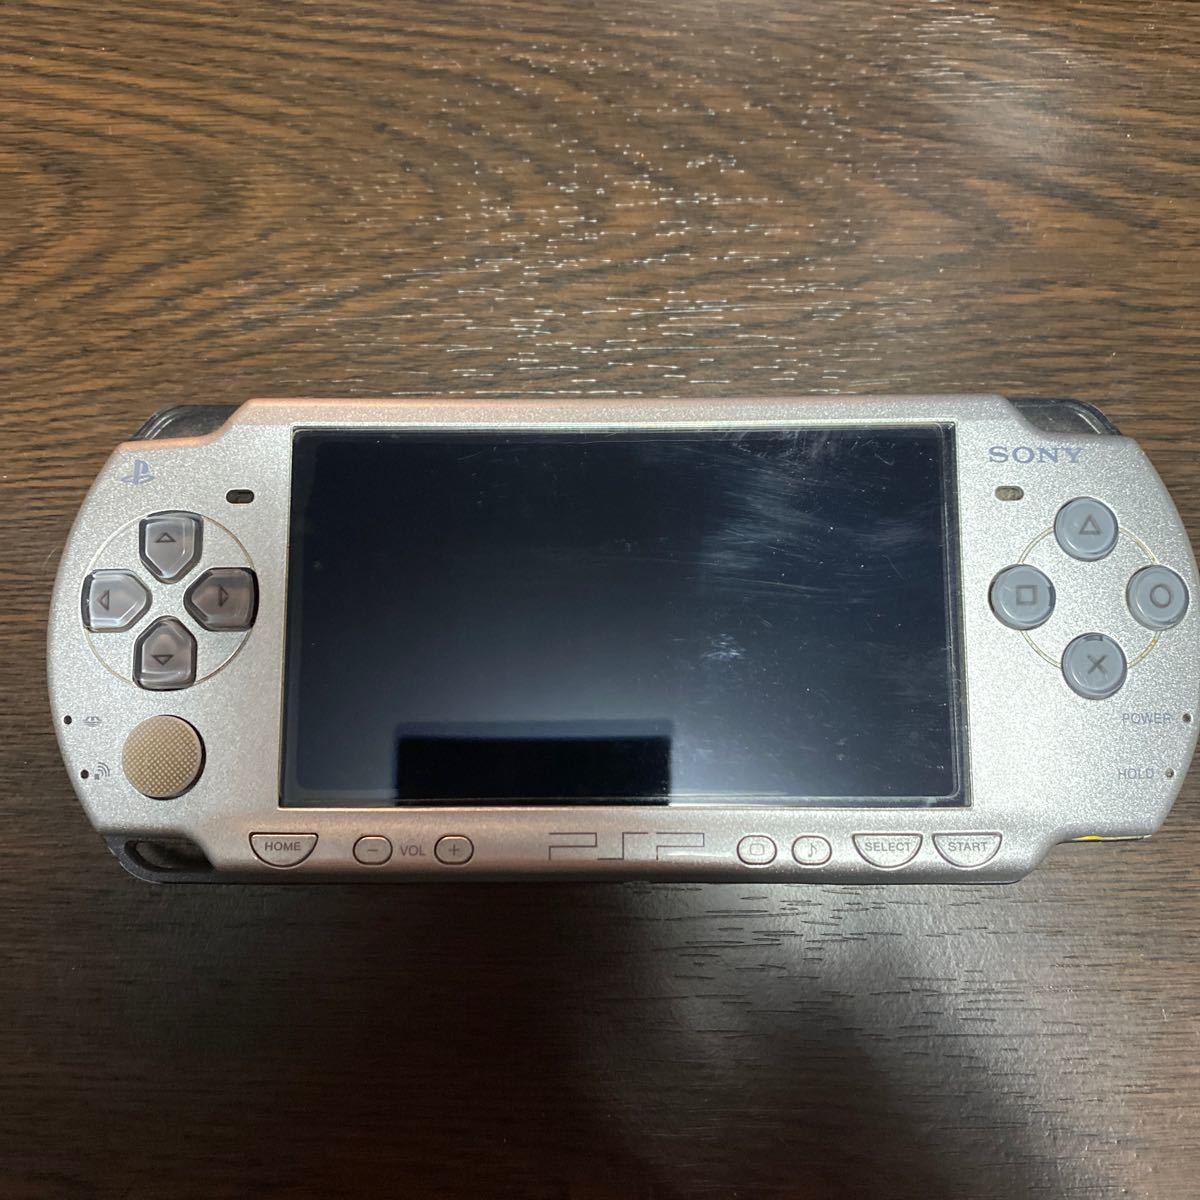 PSP-2000 ファイナルファンタジー7 10thアニバーサリーver ジャンク 起動未確認品 バッテリー付属なし